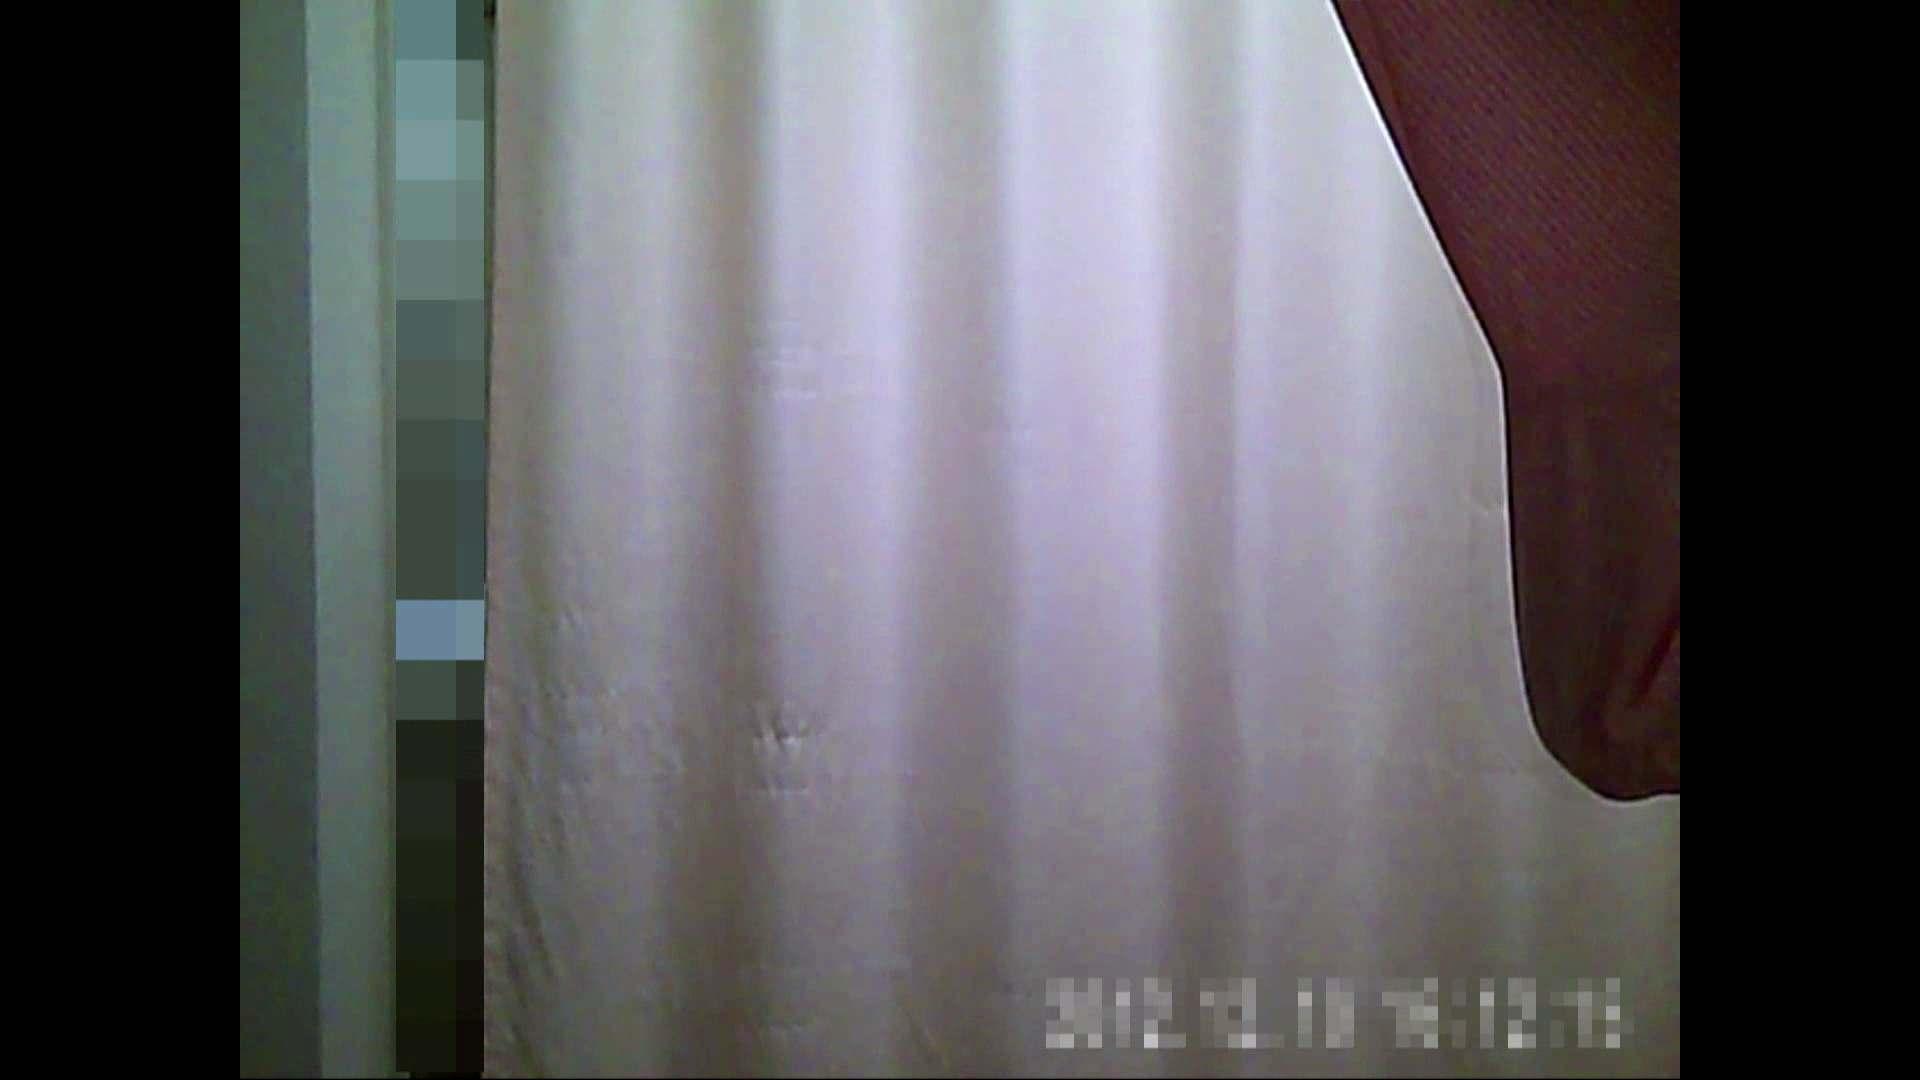 病院おもいっきり着替え! vol.172 着替え のぞき濡れ場動画紹介 44pic 33